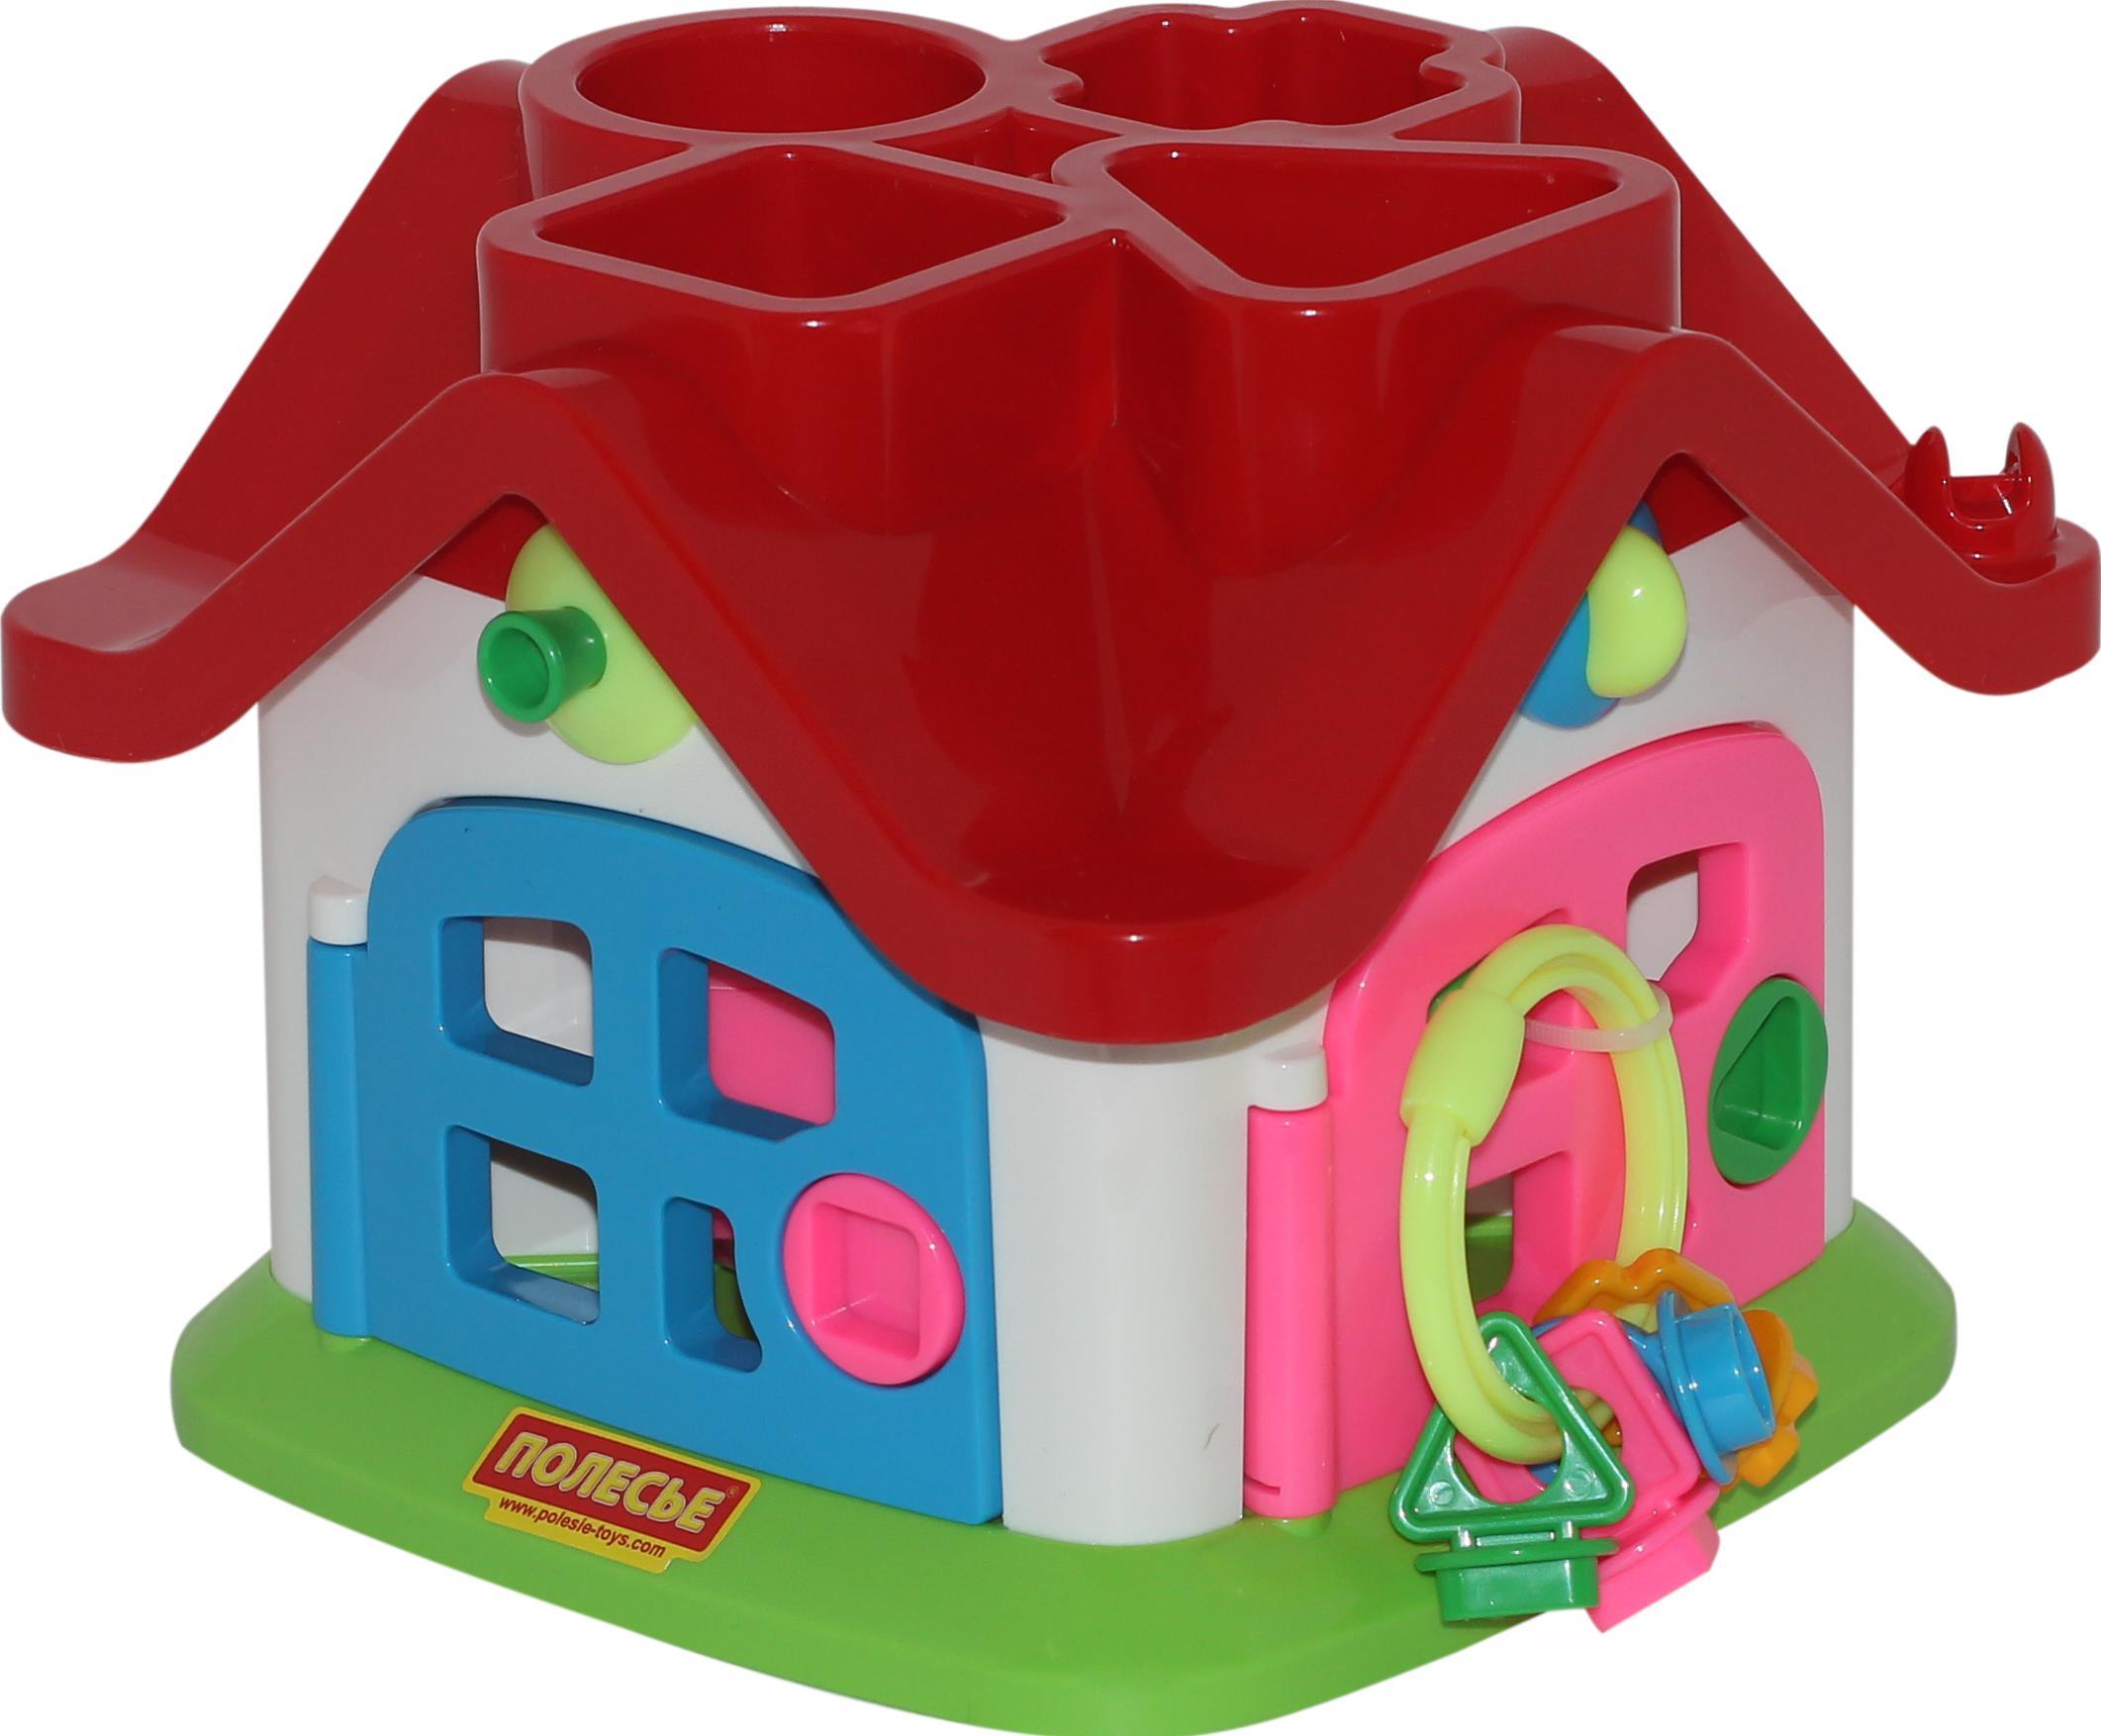 Сбор заказов.Полeсьe -высококачественные пластмассовые игрушки из экологически чистых материалов.Неповторимый дизайн. Выкуп-1/2016.